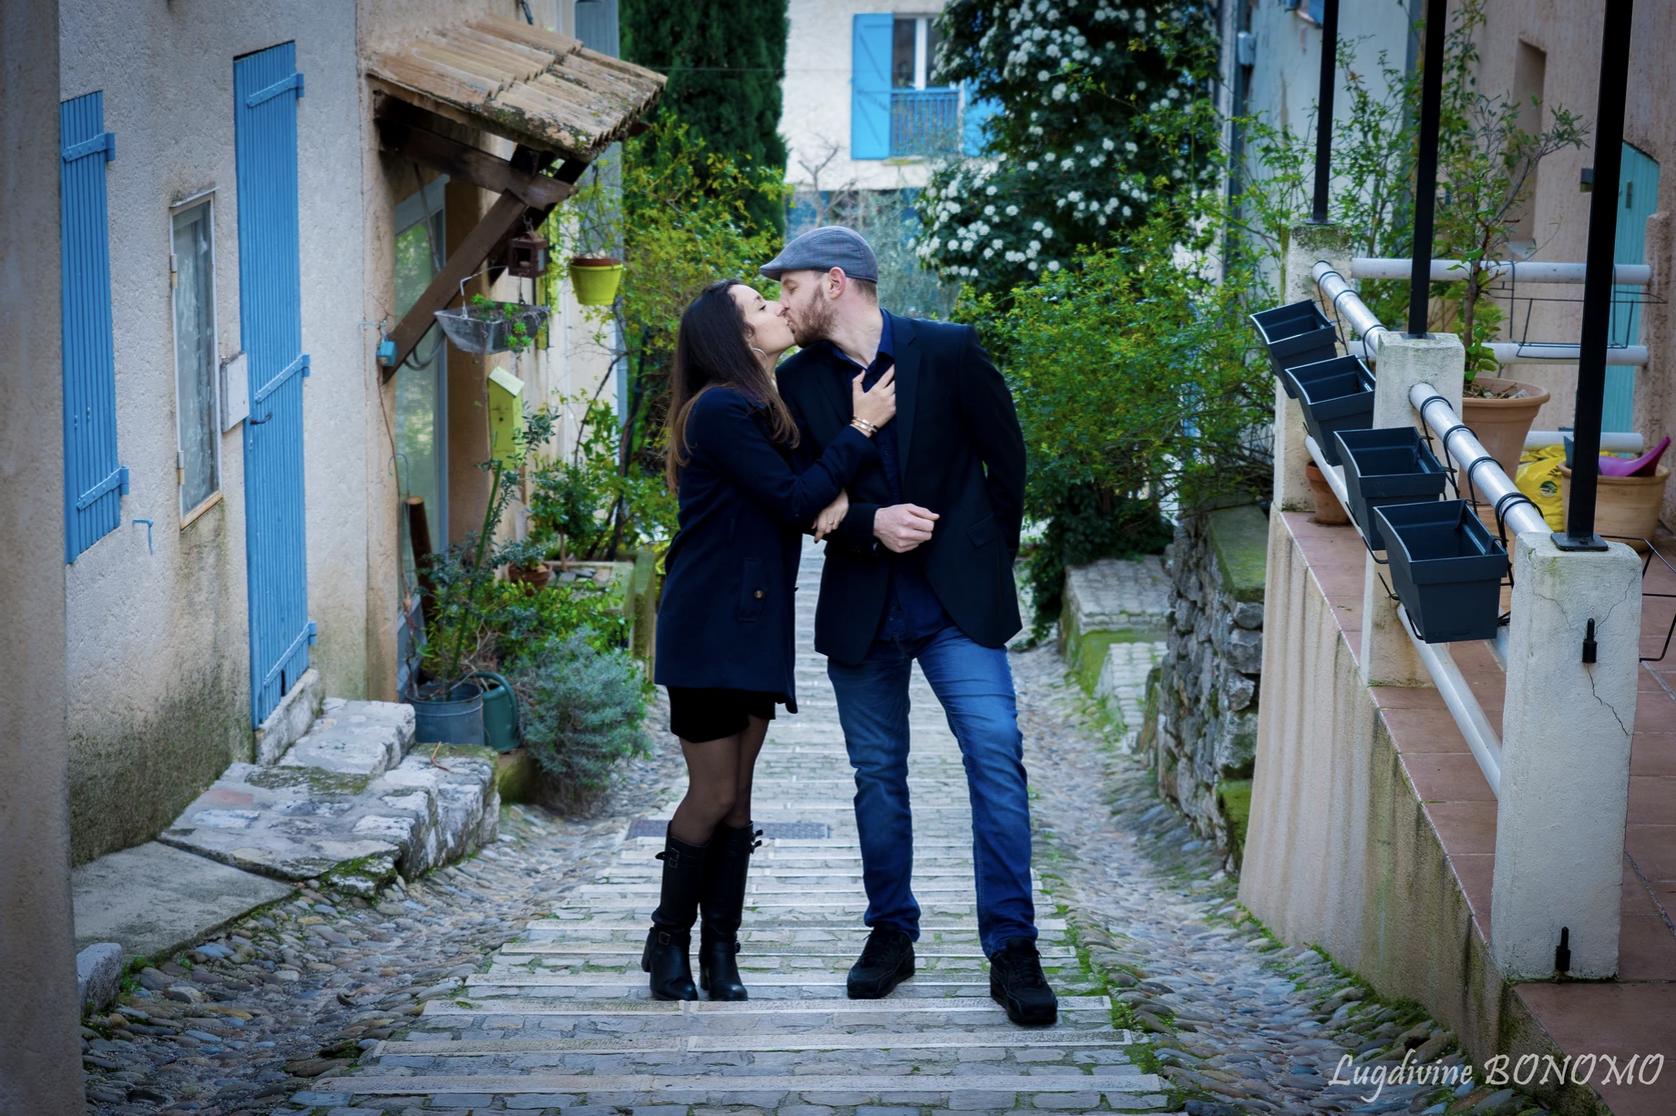 Photos de couple heureux qui s'embrassent dans une ruelle à ventabrun